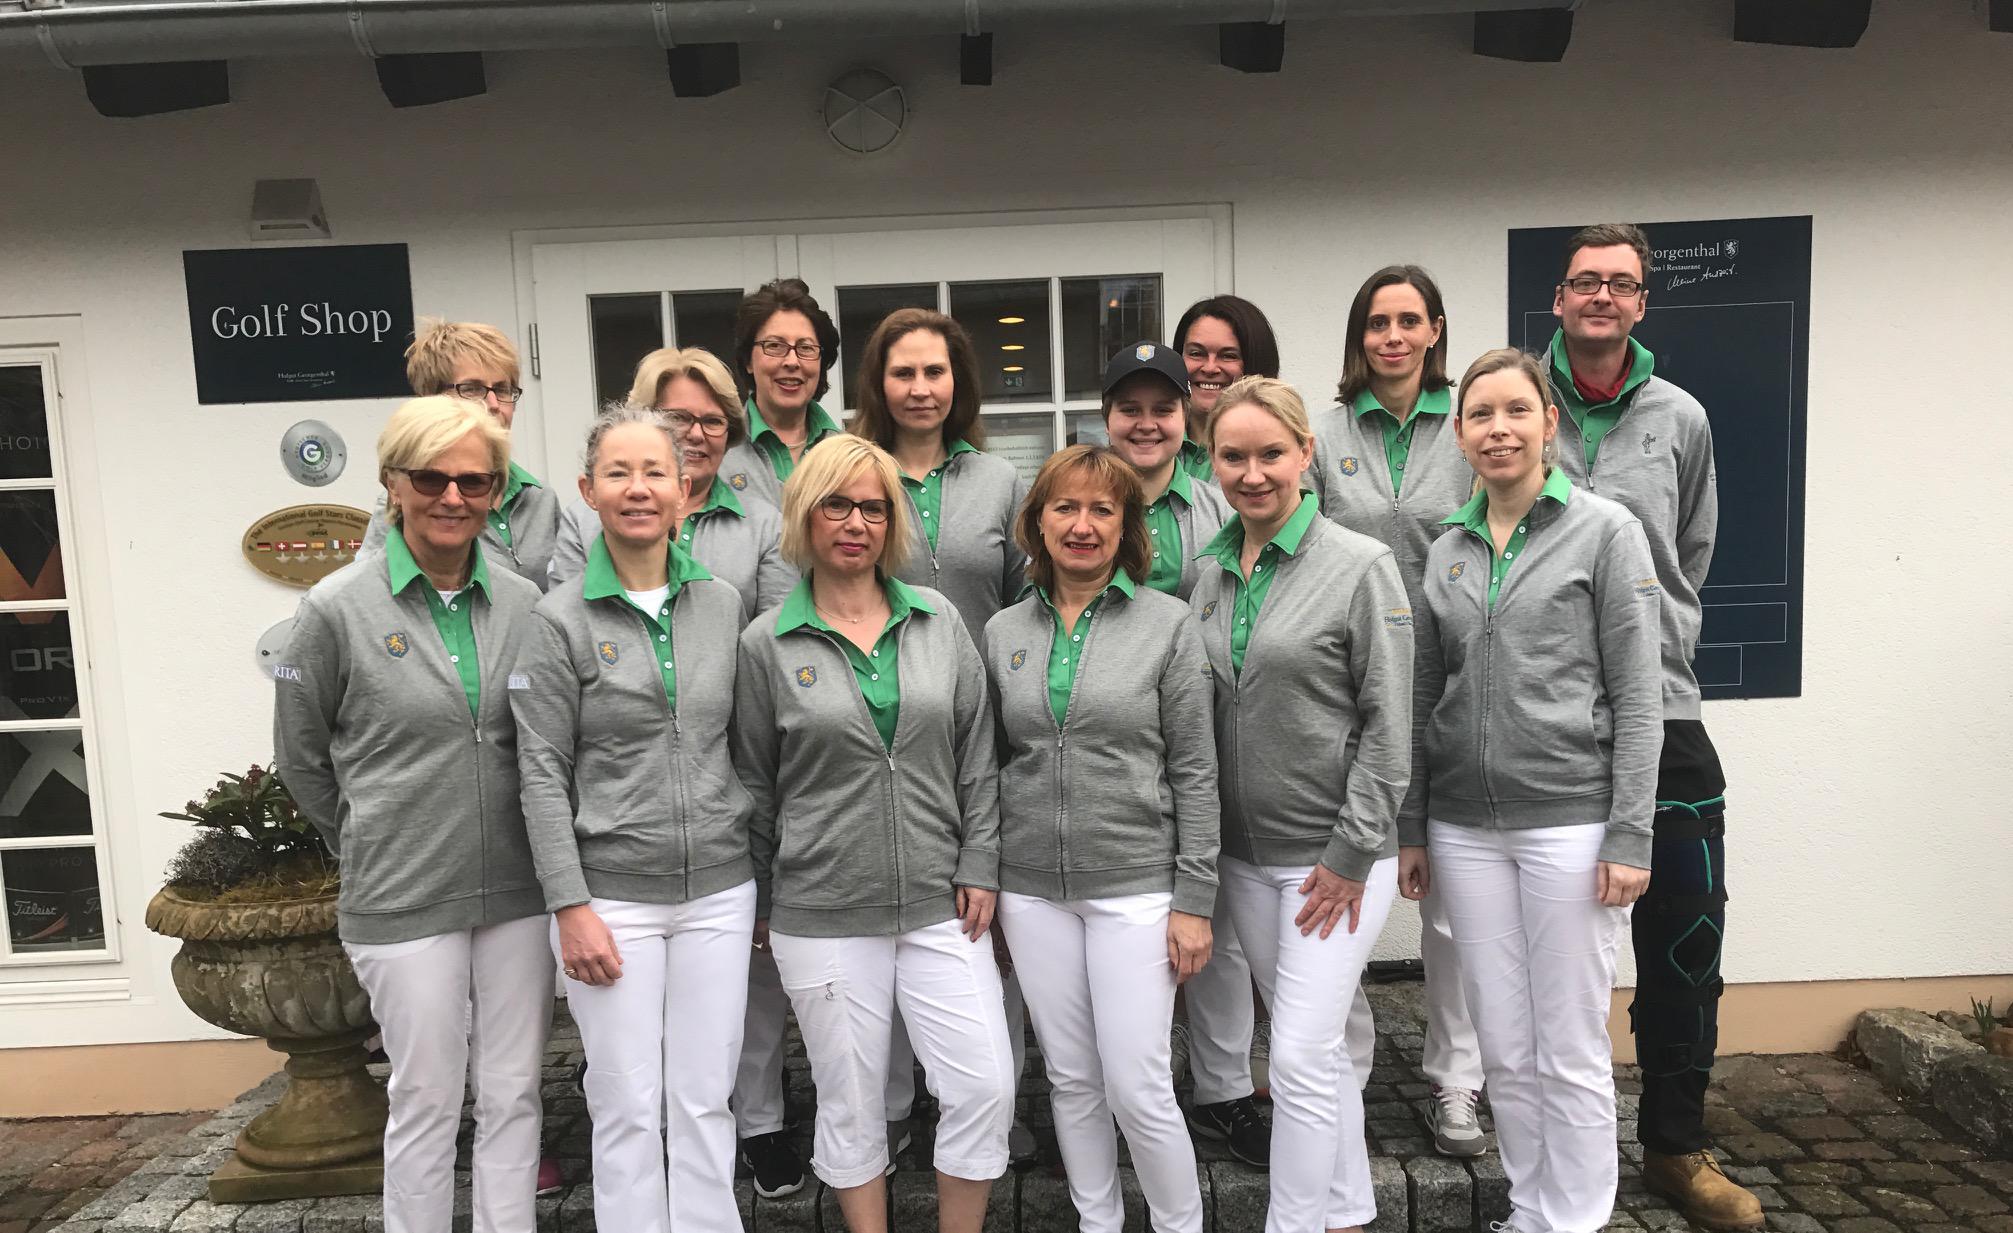 Hofgut Georgenthal Hotel Golf Spa Restaurant Tagung Feiern Wellness Kurzurlaub Taunus Wiesbaden Auszeit